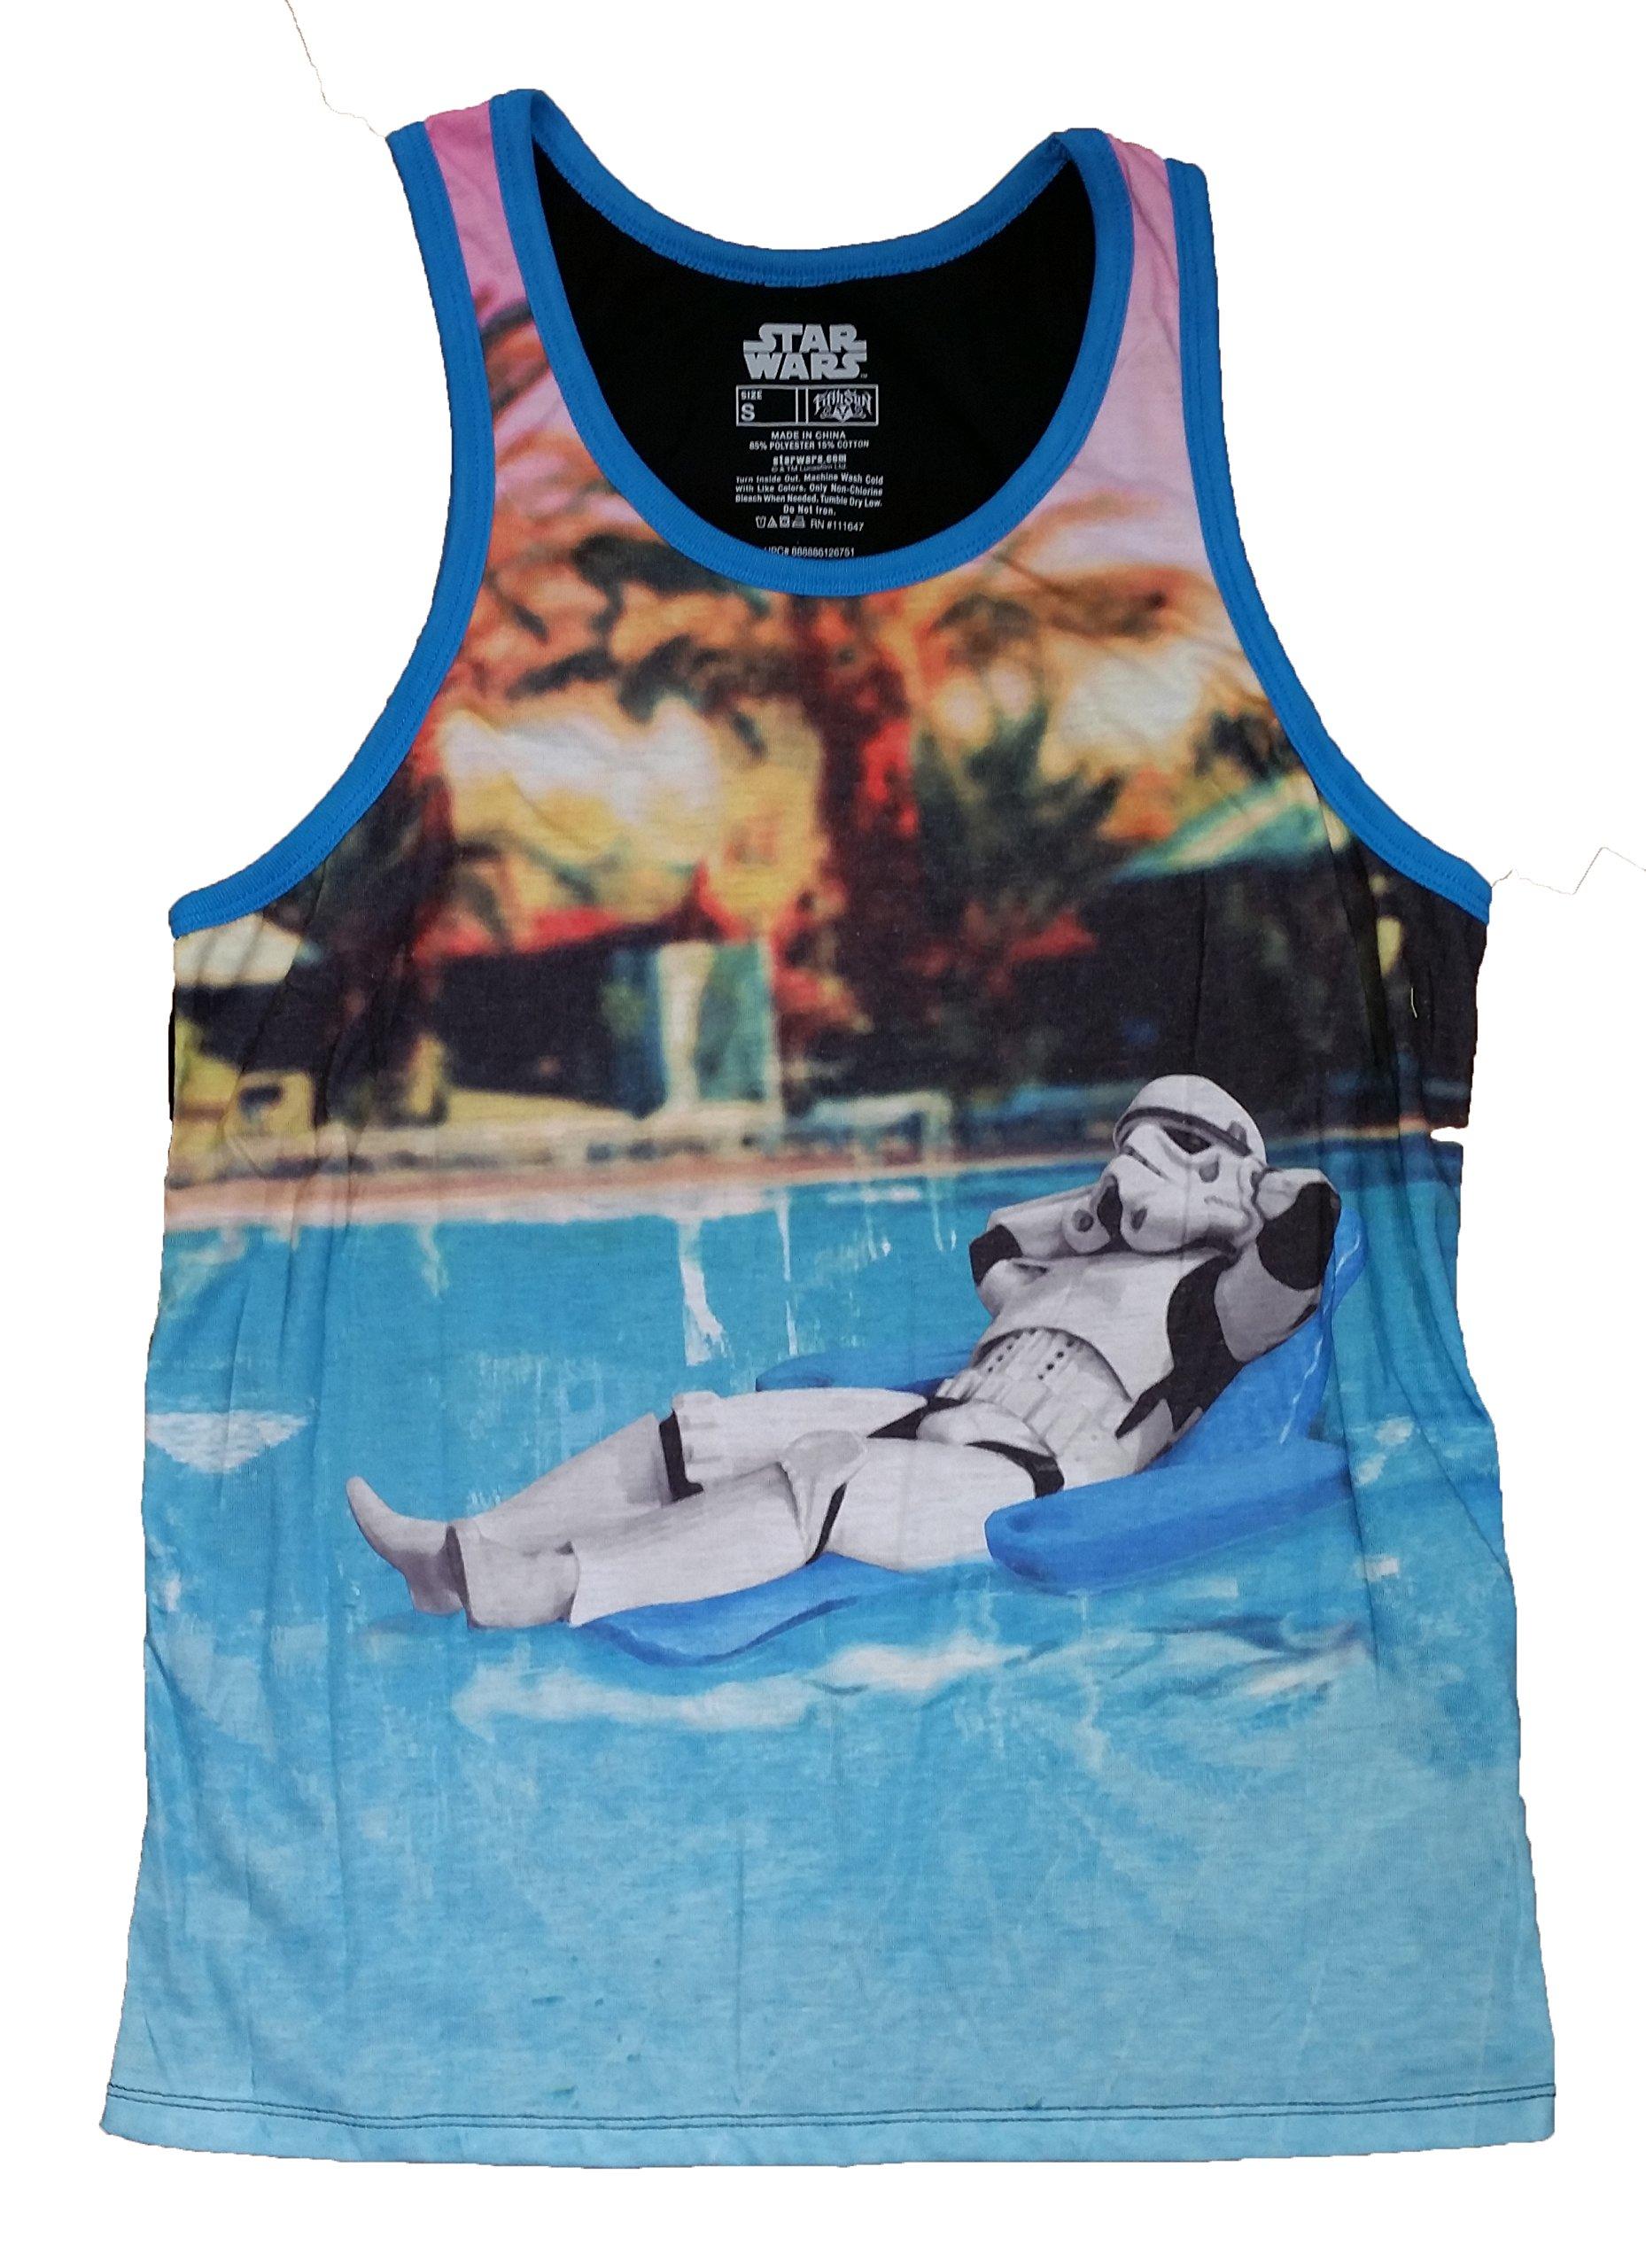 Star Wars Stormtrooper Pool Floatie Graphic Tank Top Vest